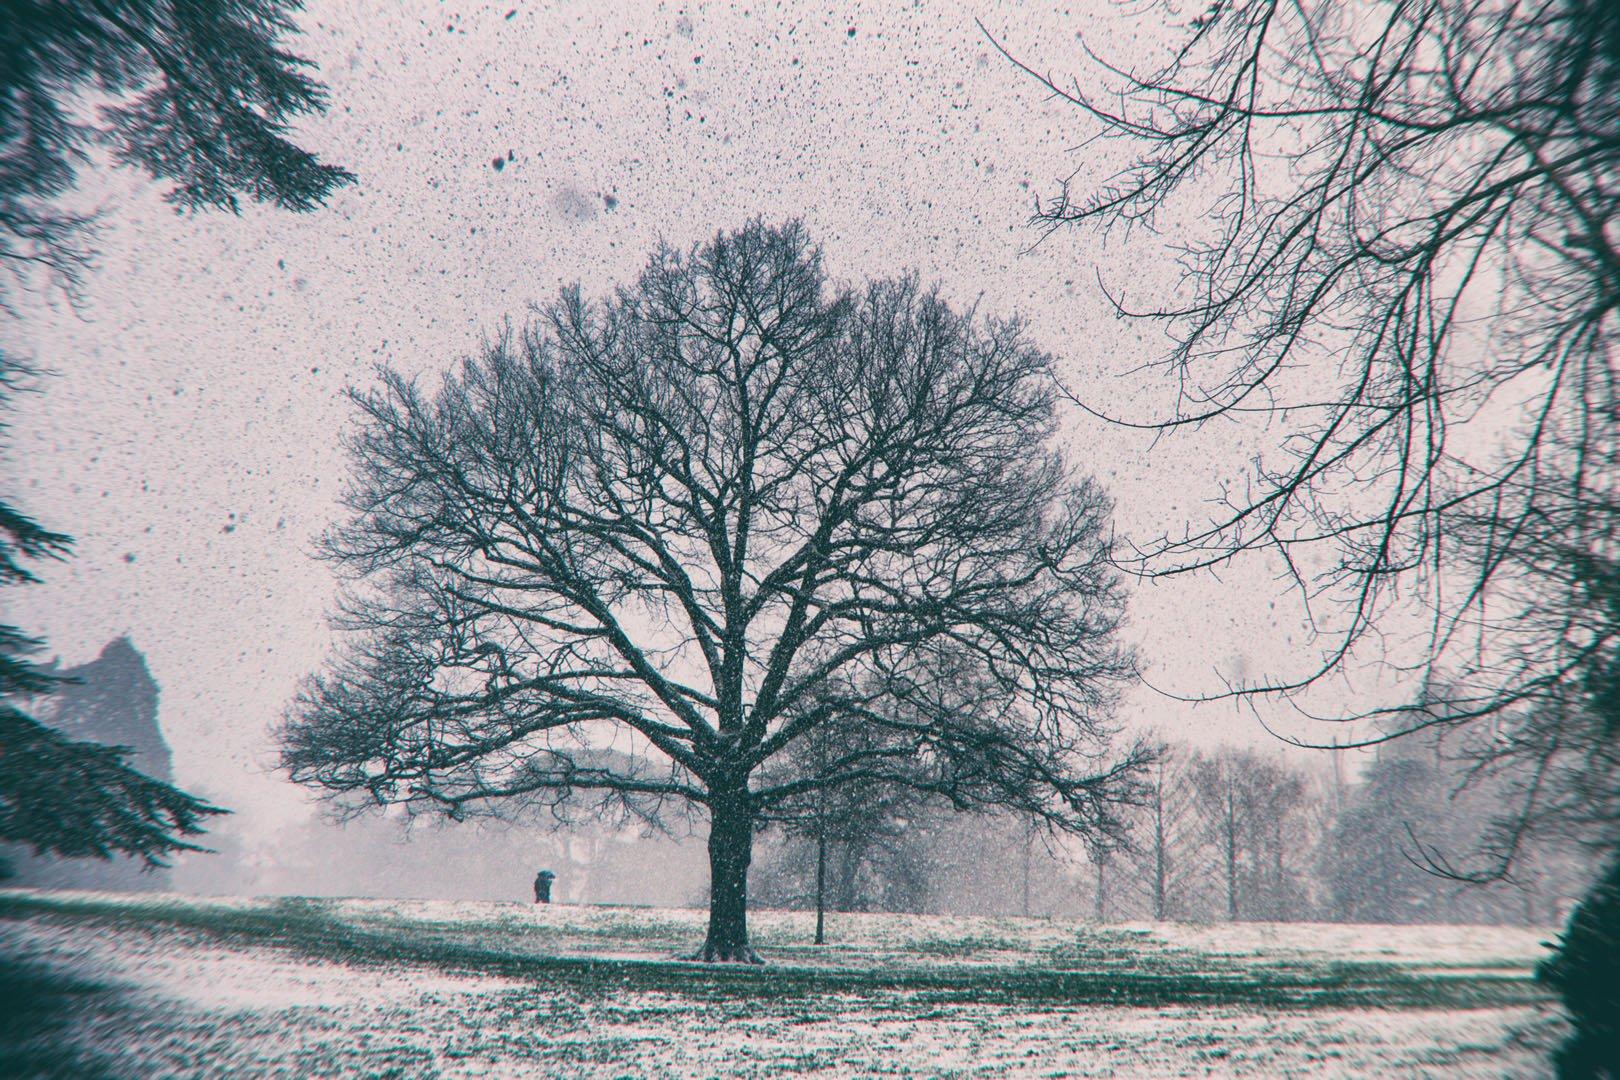 arbre sous de gros flocons de neige